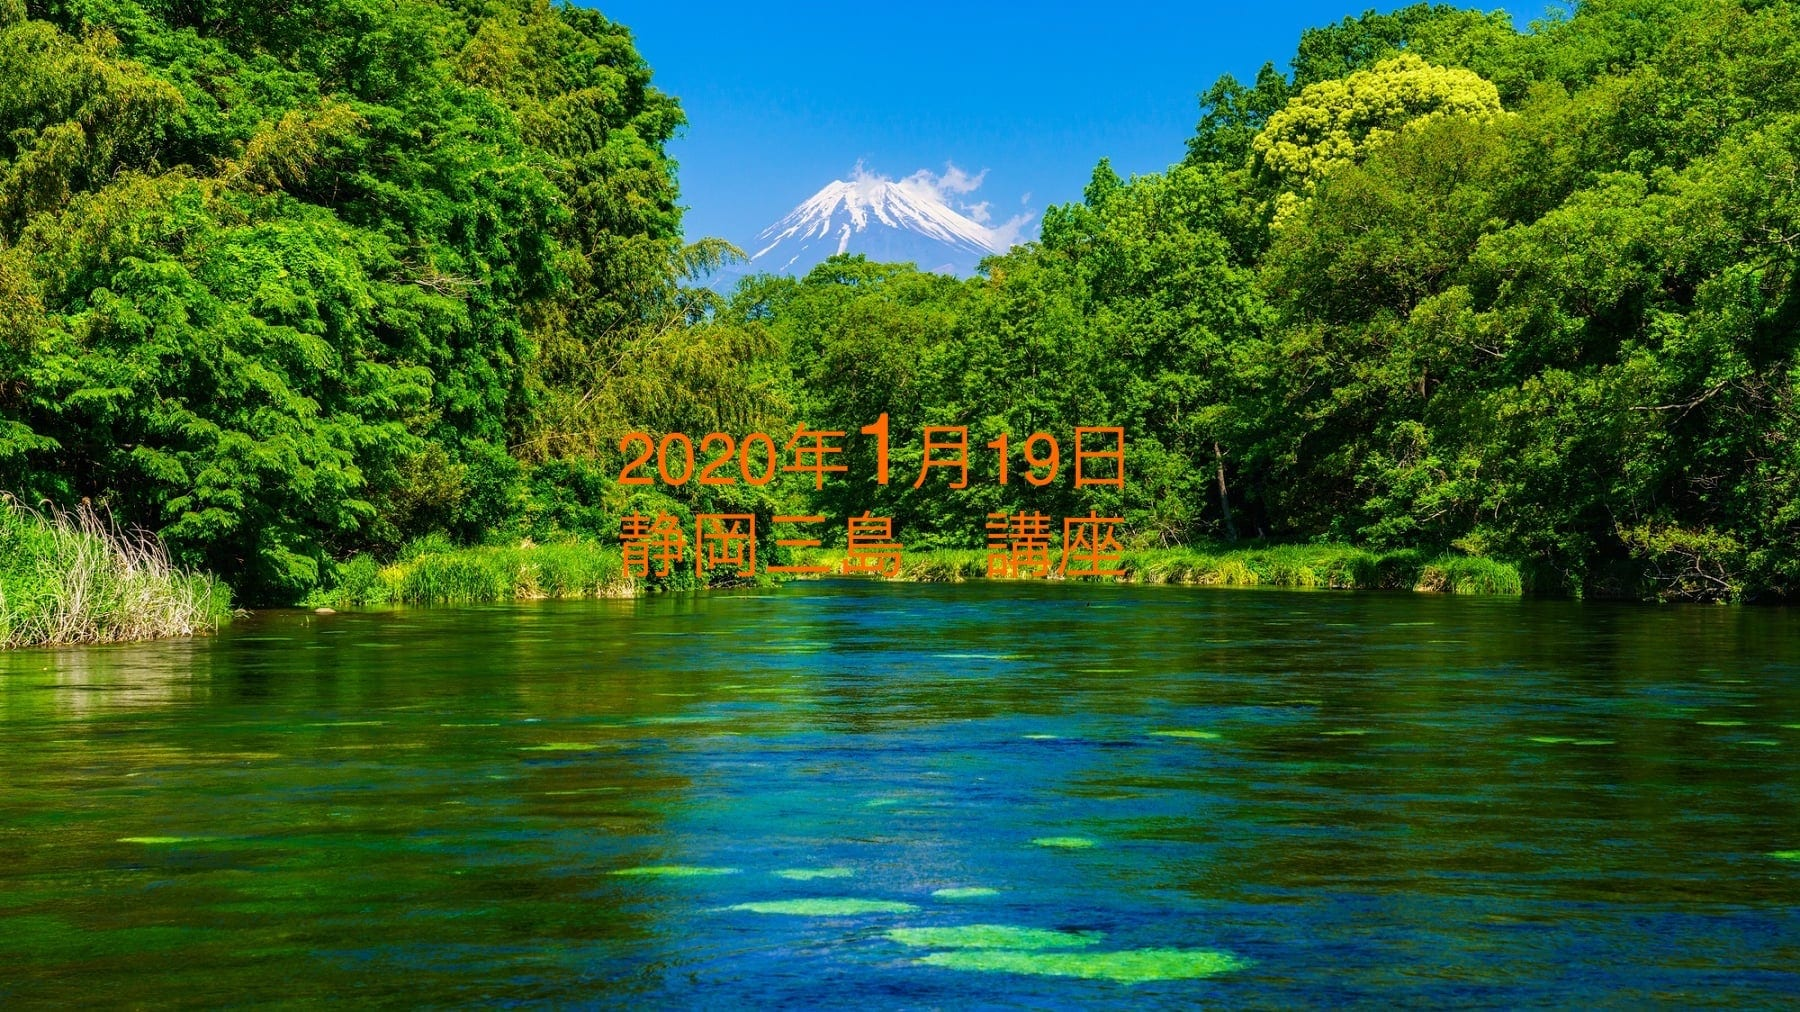 三島1月19日 吉方講座 初めての方セット付きのイメージその1